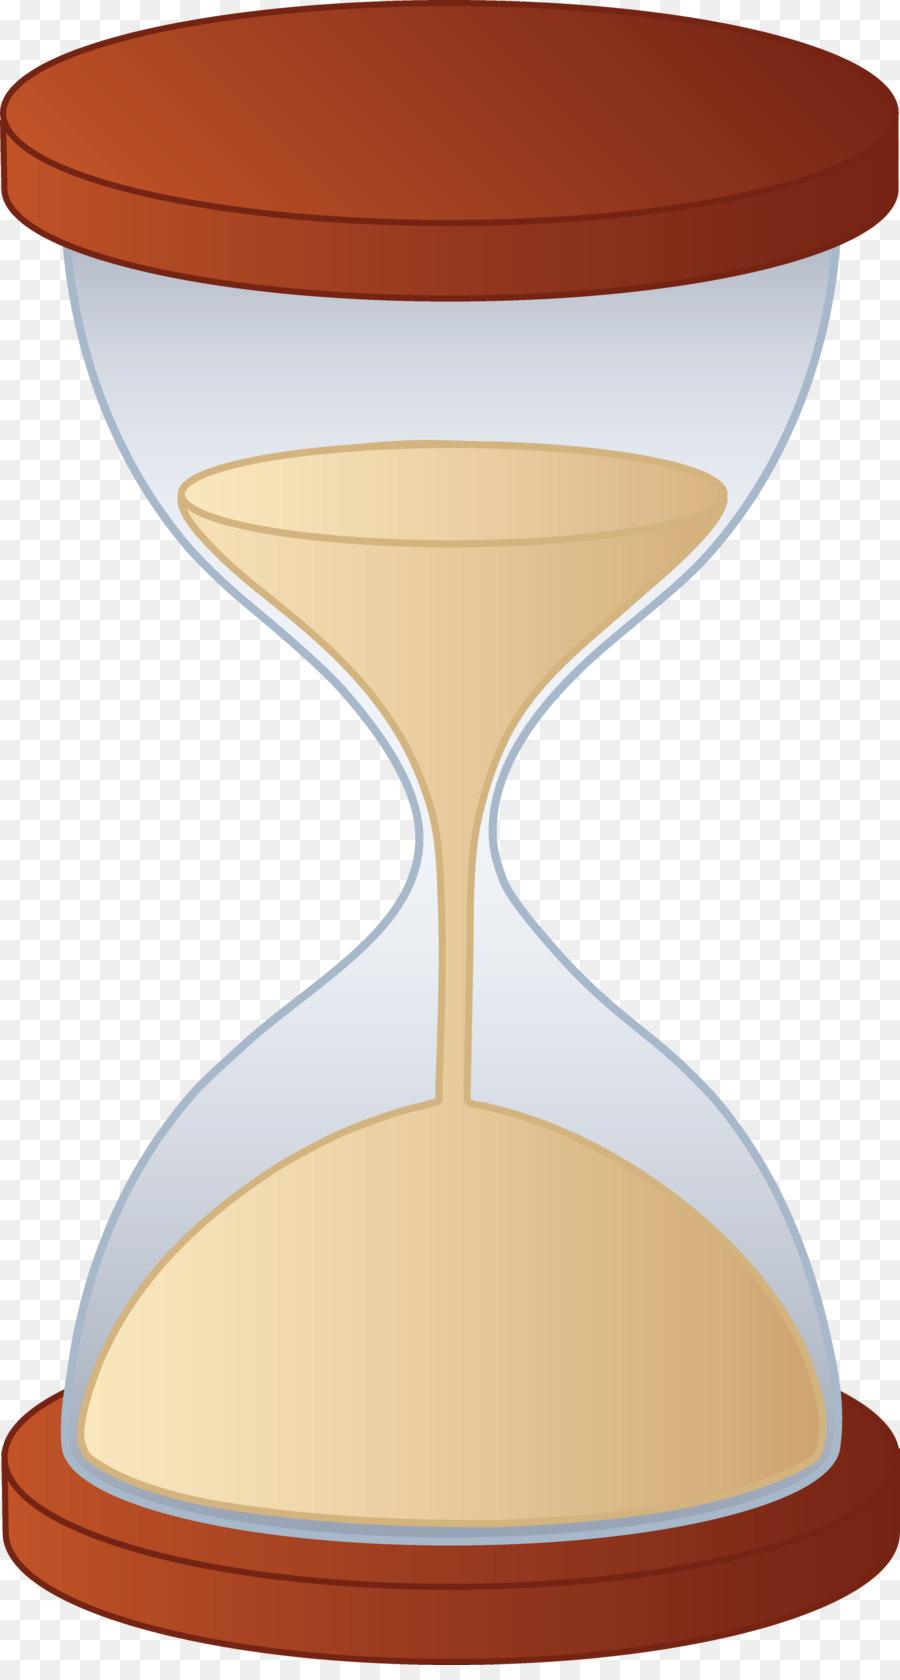 разработан песочные часы мультяшная картинка предлагаем перешить шубу